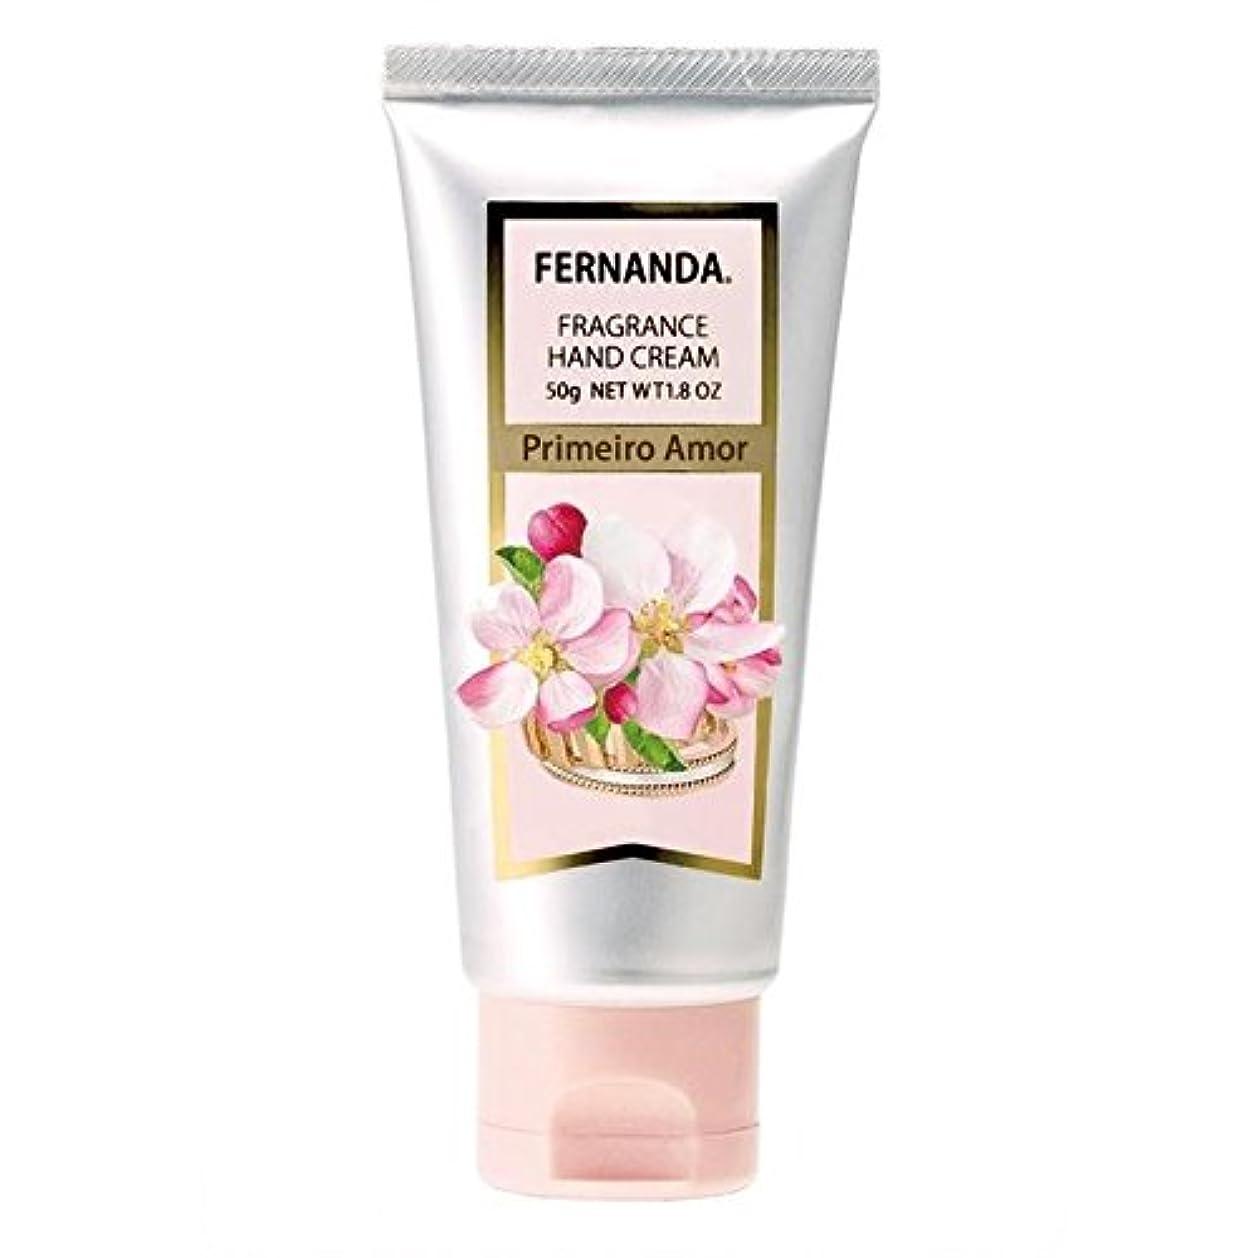 センチメートルボーダー単独でFERNANDA(フェルナンダ) Hand Cream Primeiro Amor(ハンドクリーム プリメイロアモール)